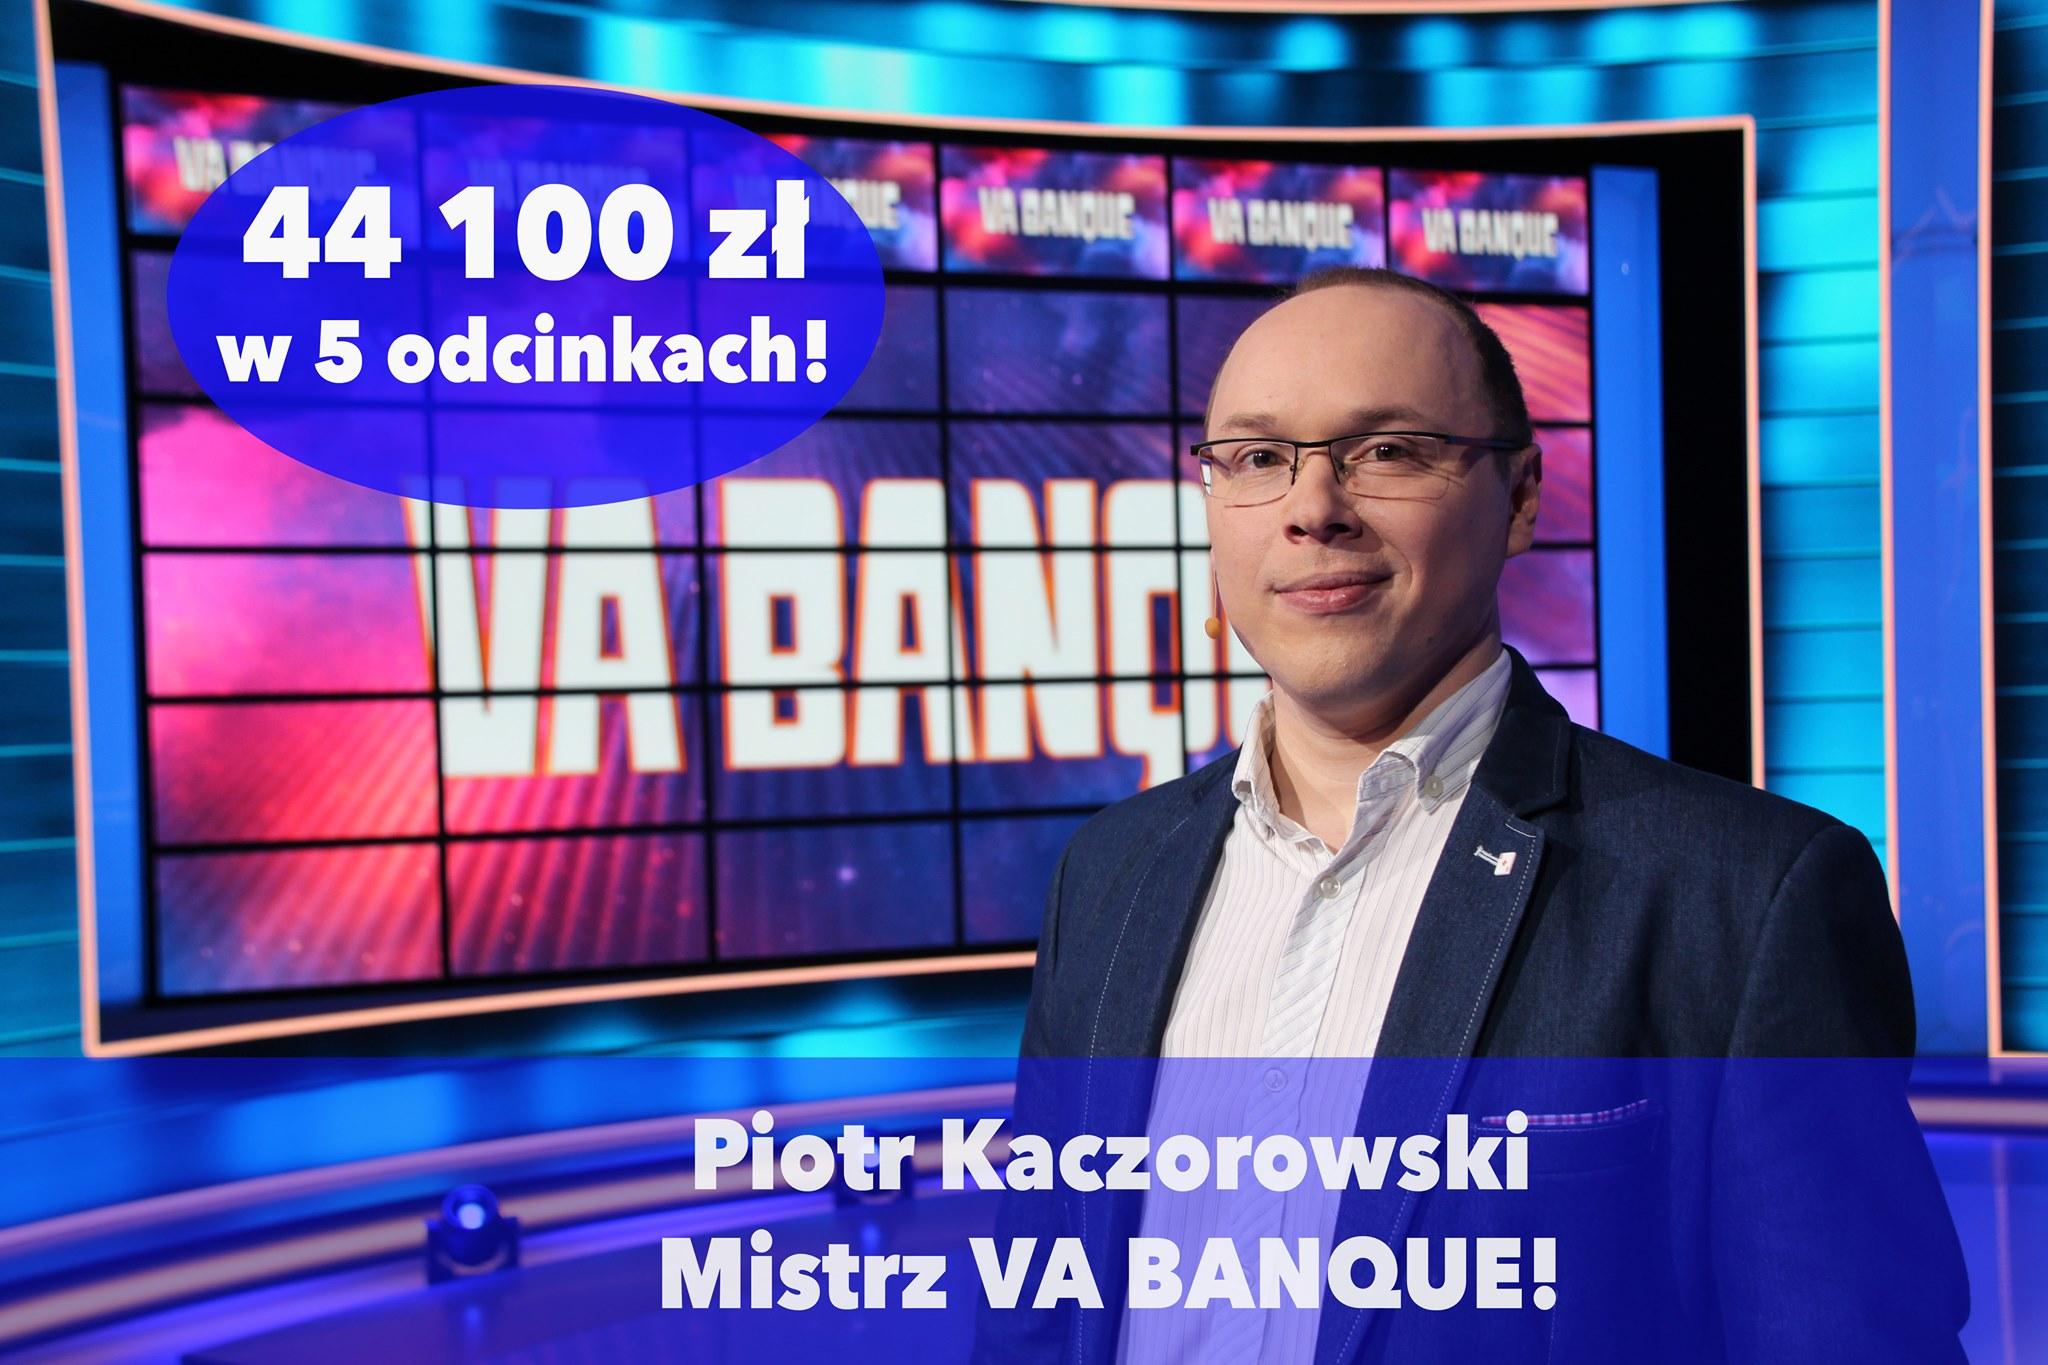 Mistrz Va Banque jest z Tarnobrzega! [WIDEO] - Zdjęcie główne